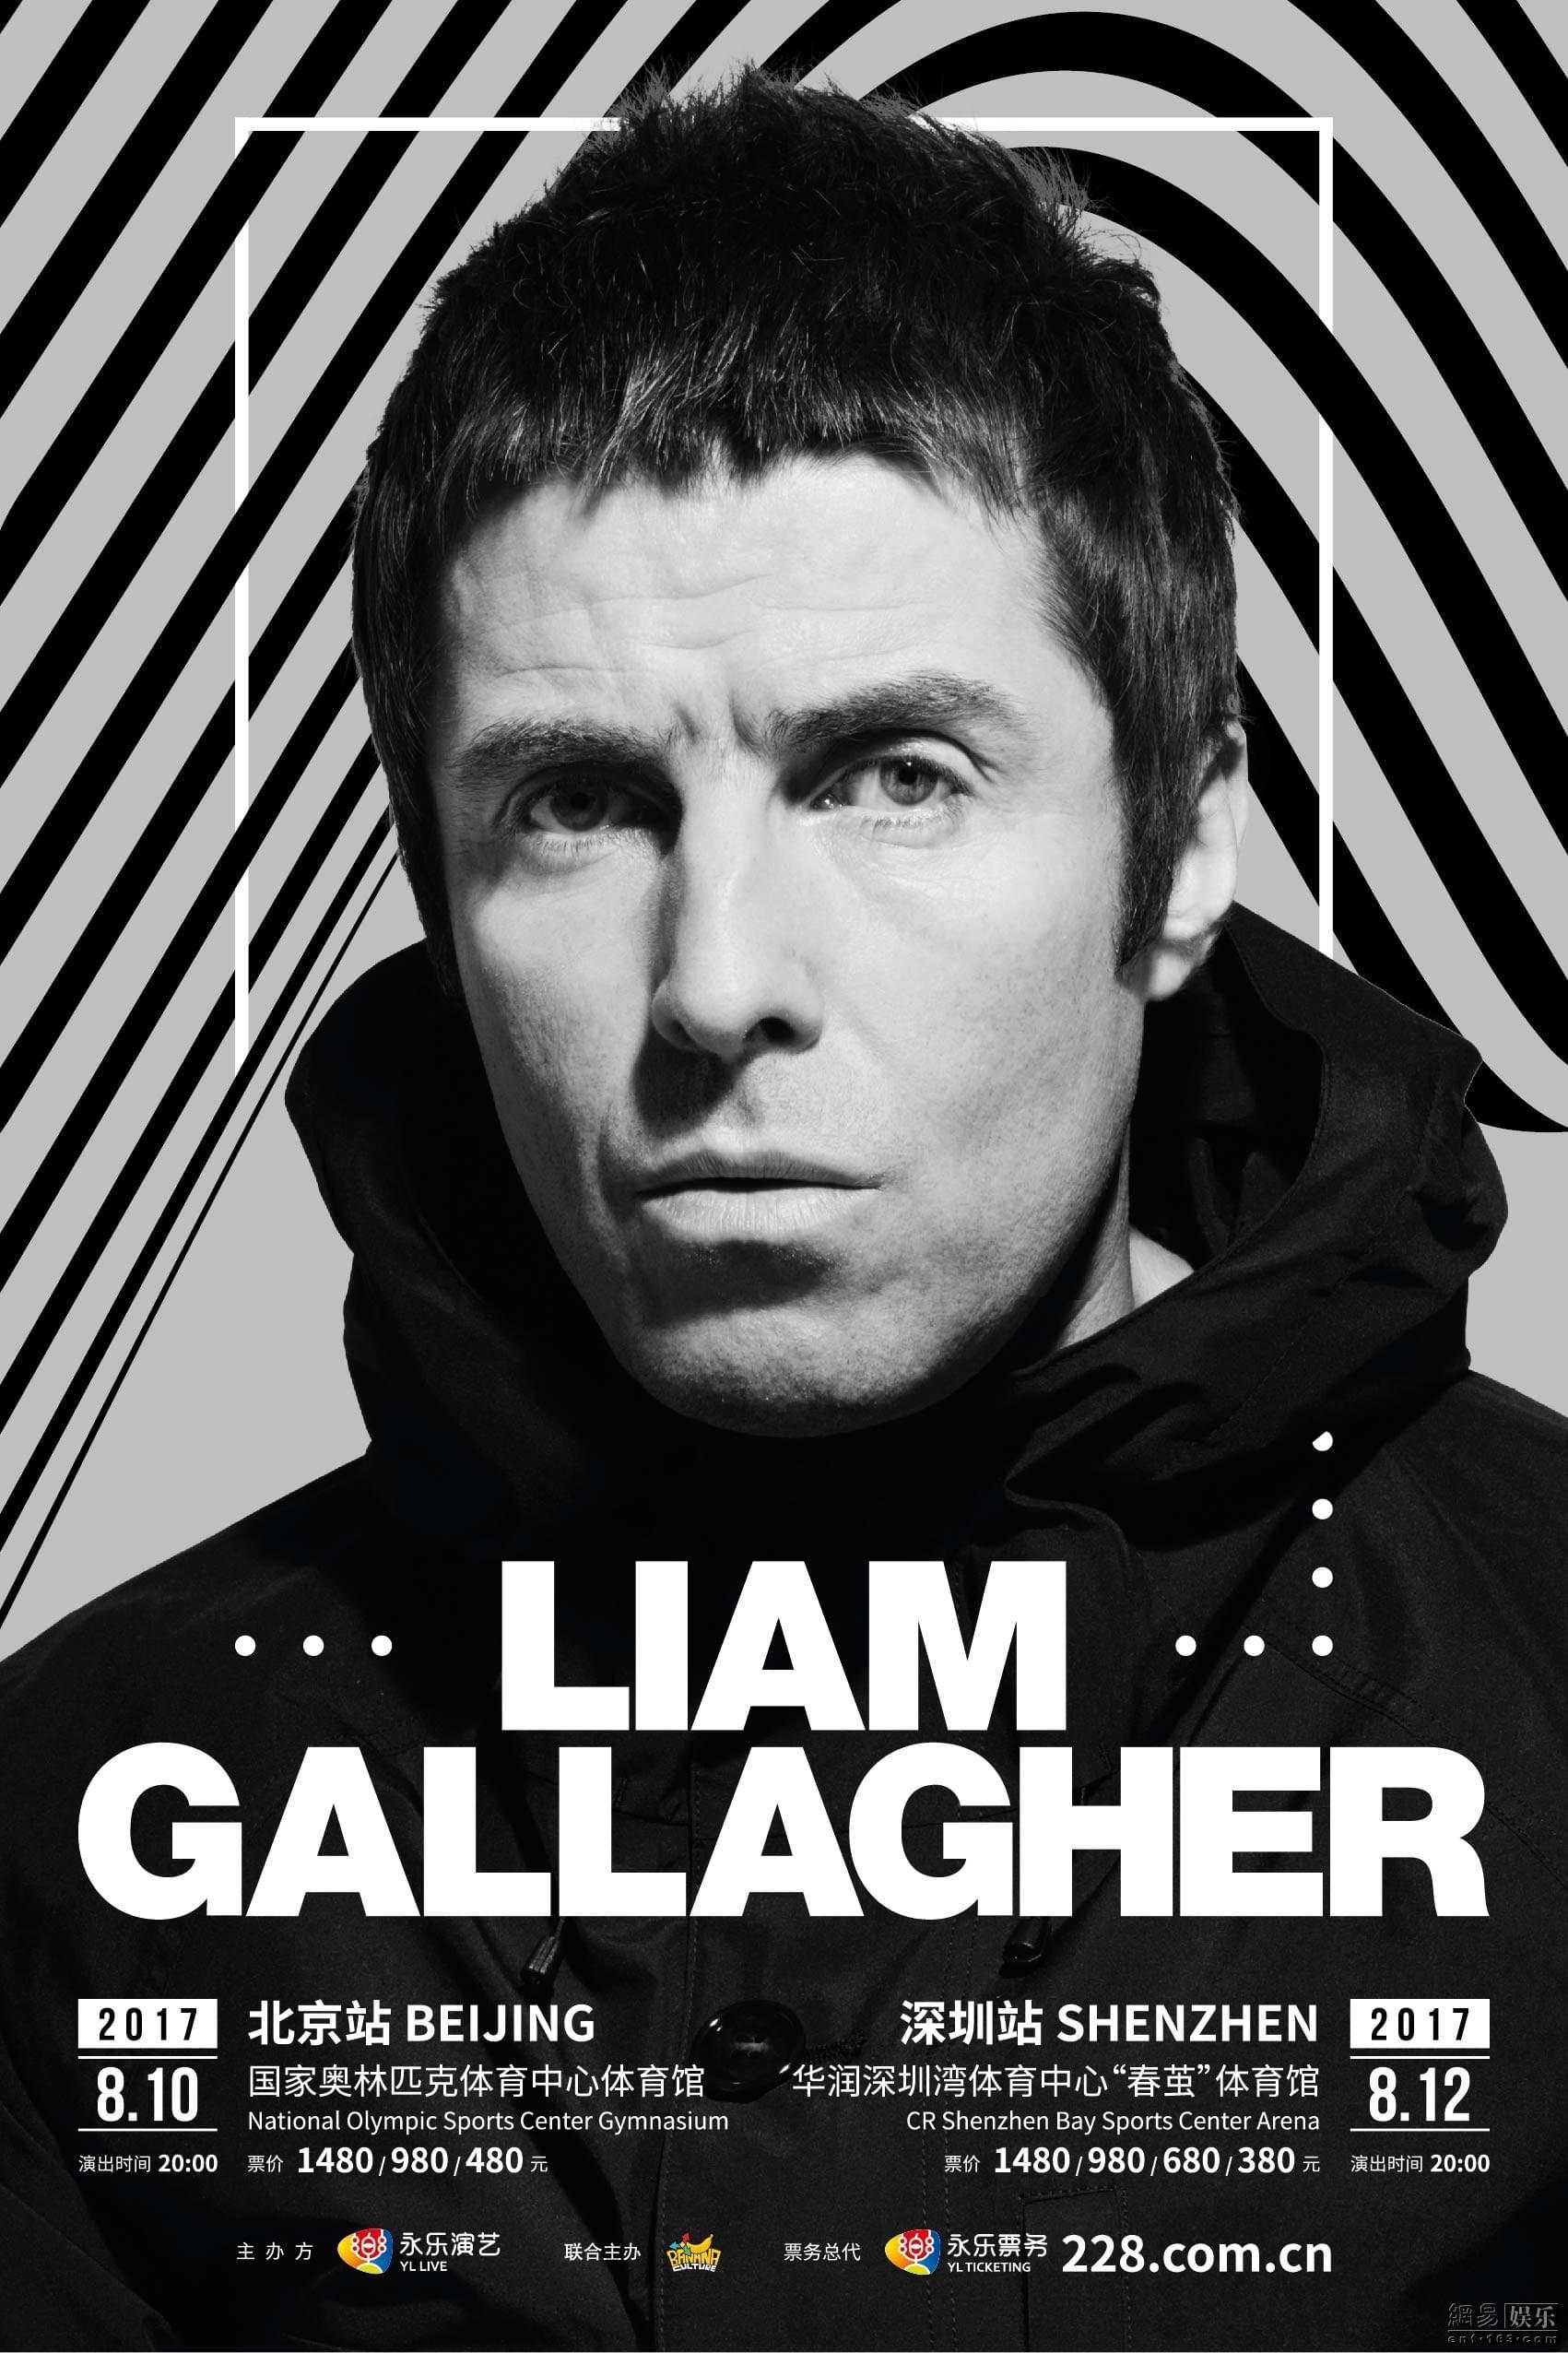 英伦摇滚传奇主唱Liam Gallagher中国巡演开票